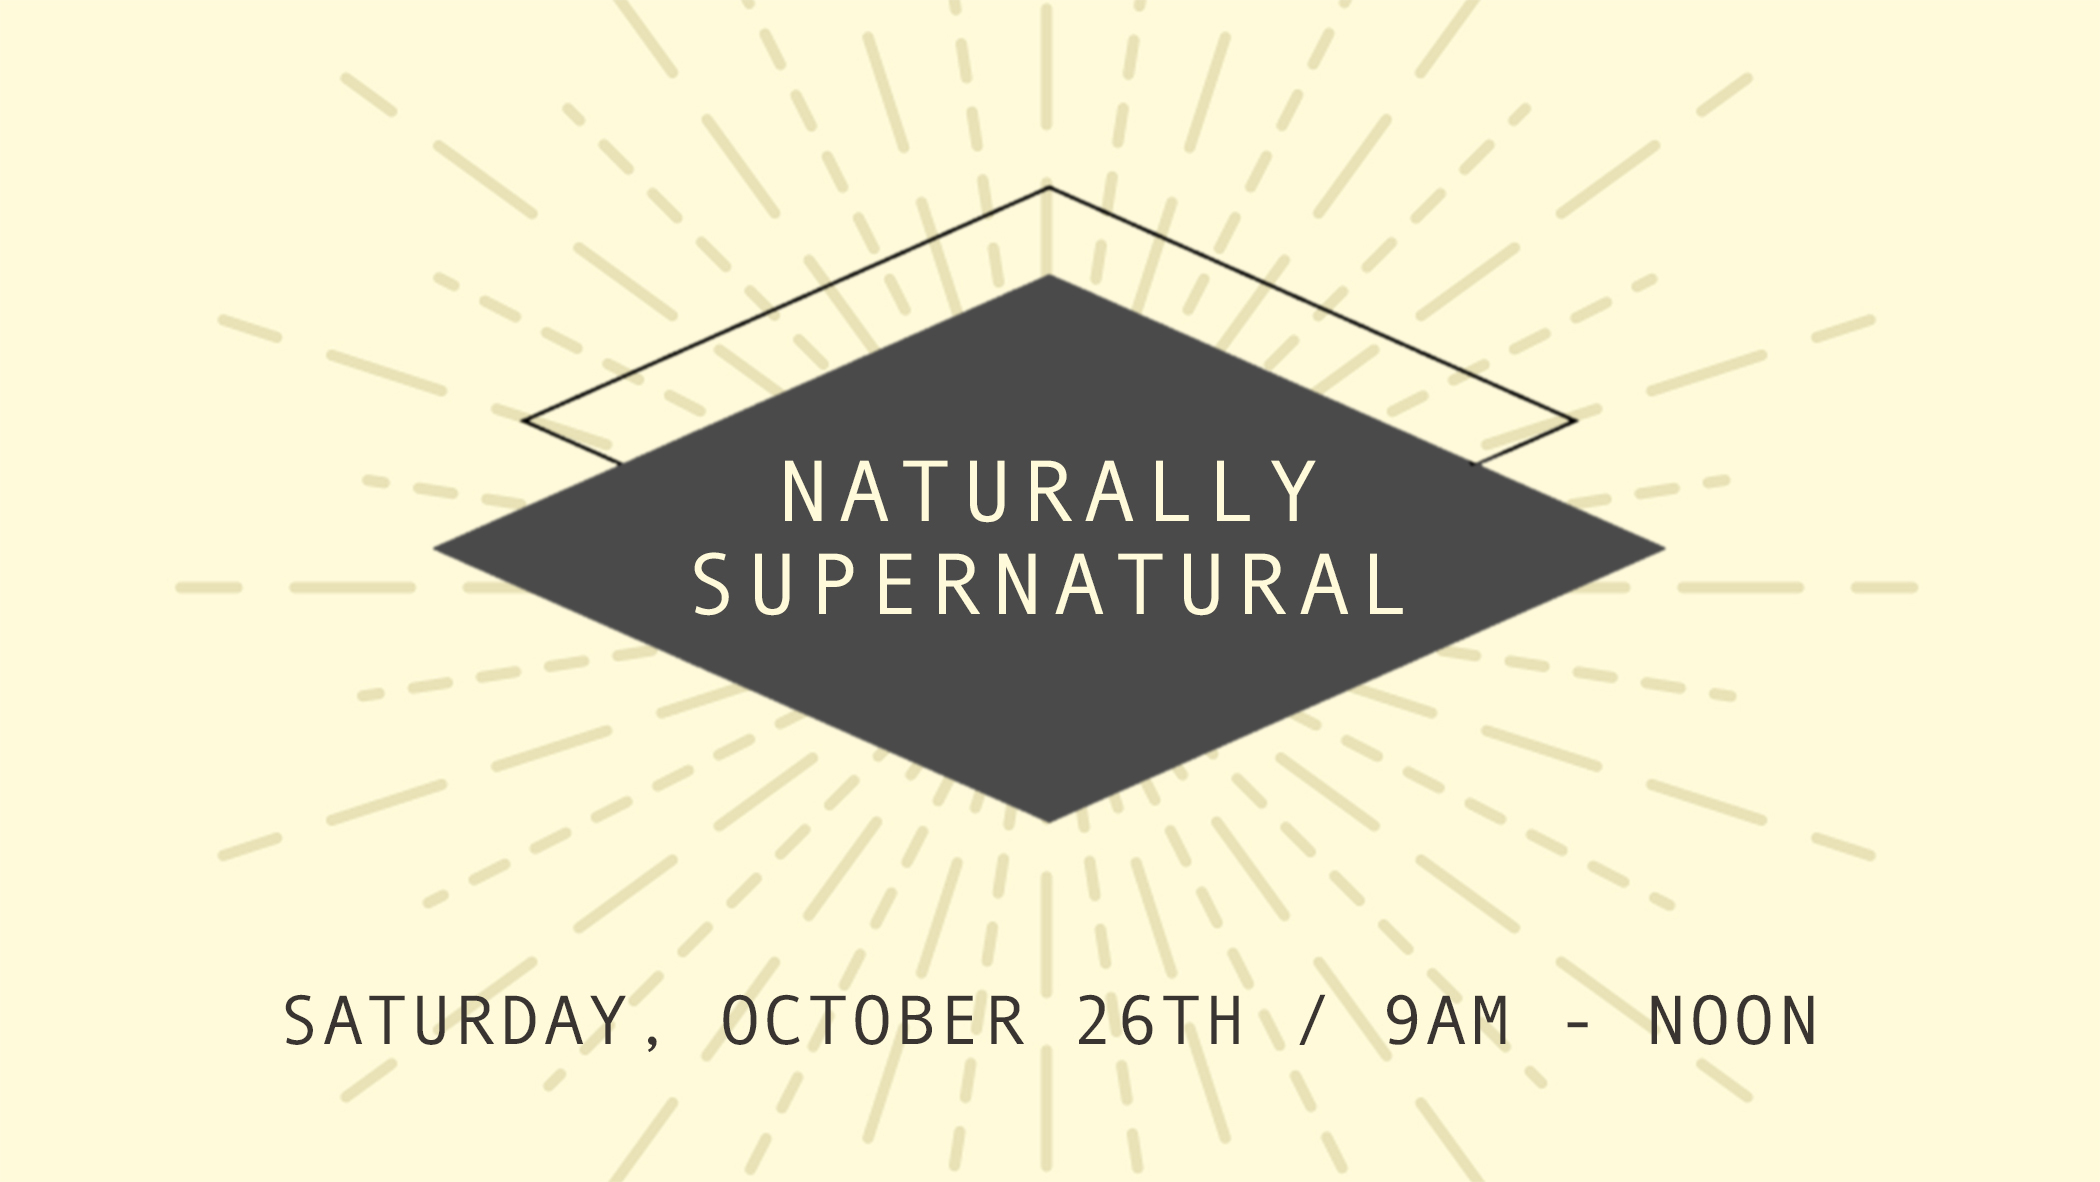 Naturally-Supernatural-2019.jpg